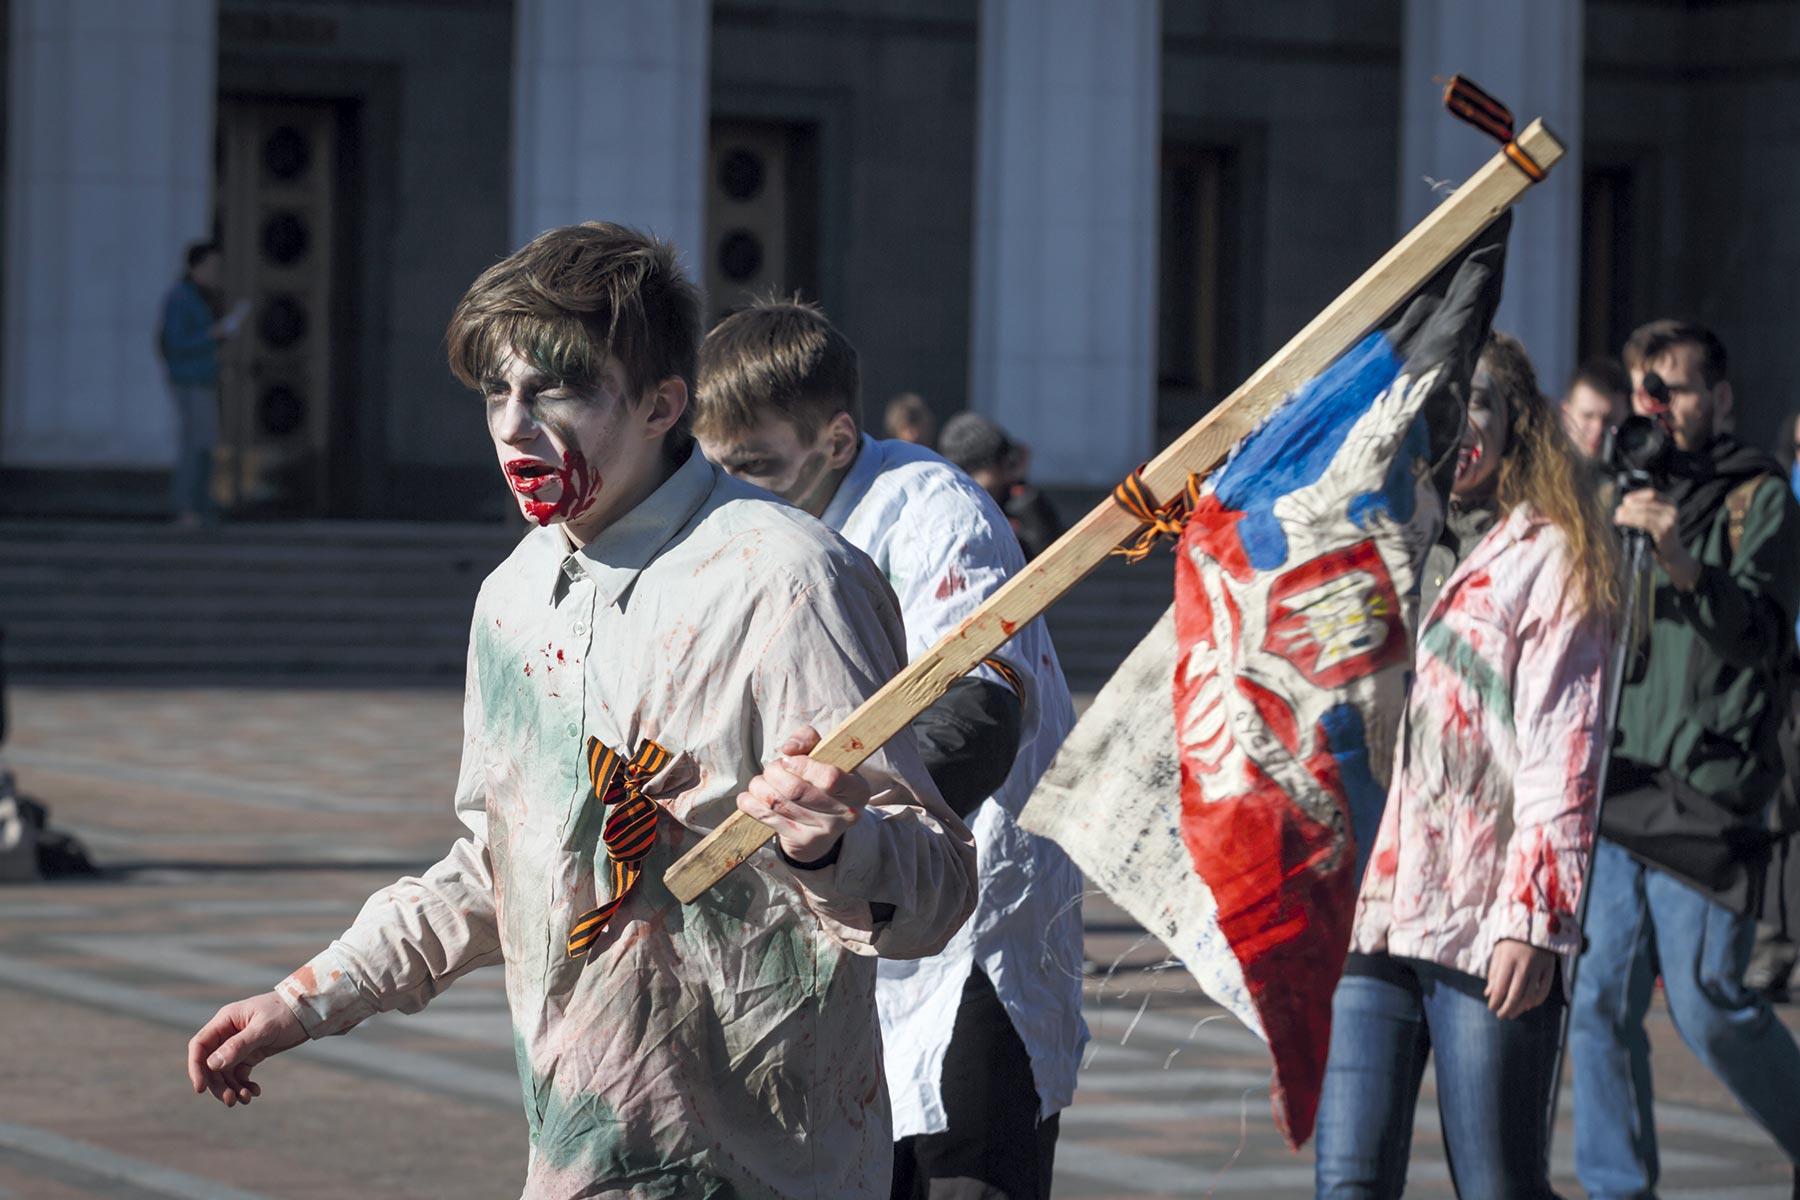 FOTO: OLEG PEREVERZEV / PHOTOSHOT